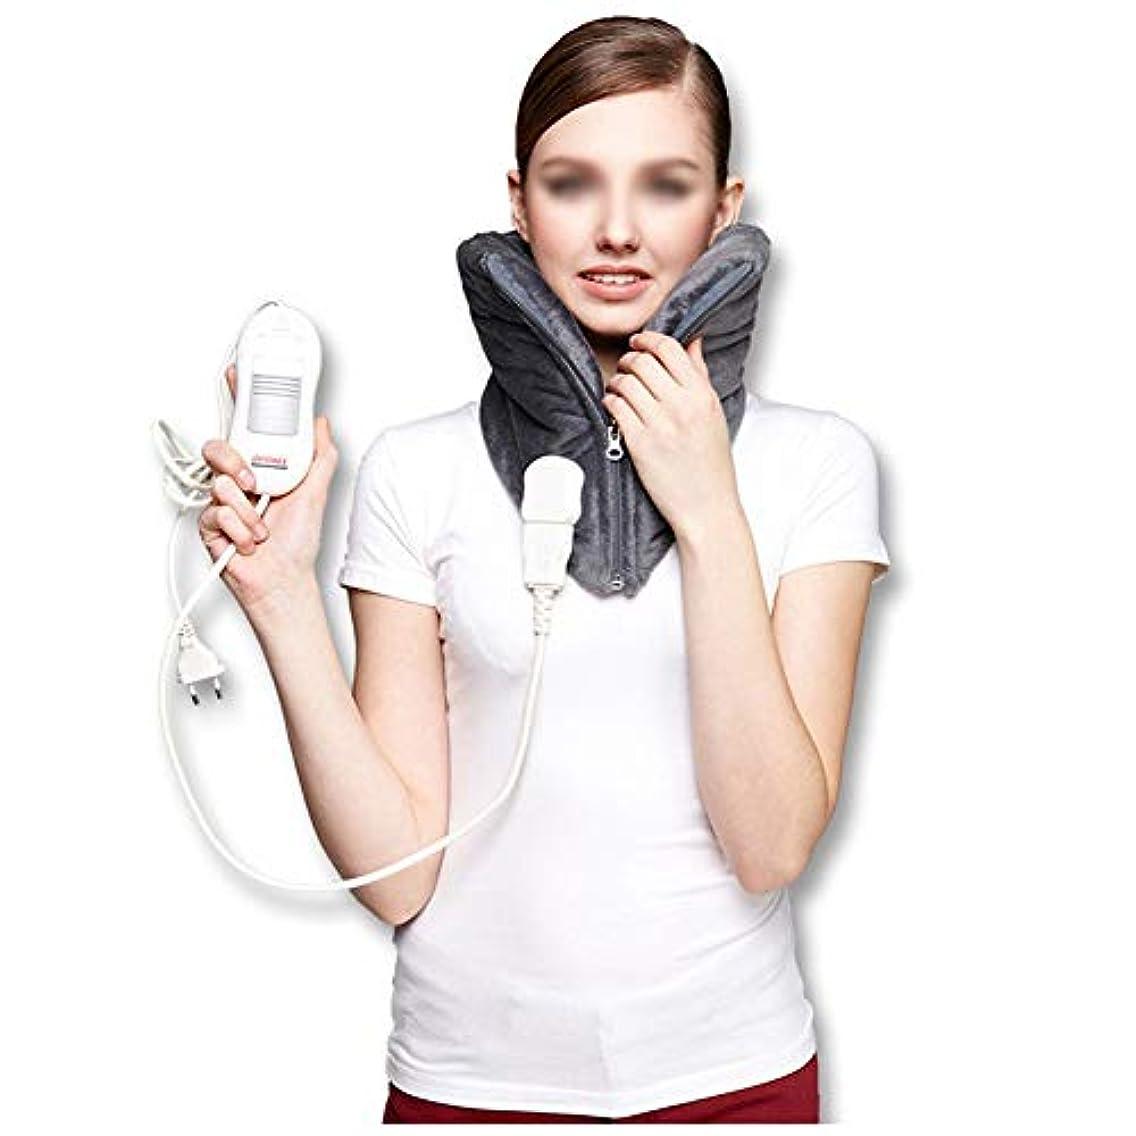 対称ゼロ中央頚部の電気ヒーターパッド - 暖かい頚椎のヒートパッド、自動電源オフ、洗える、3速度一定温度、高齢者の痛みを軽減するマッサージャー